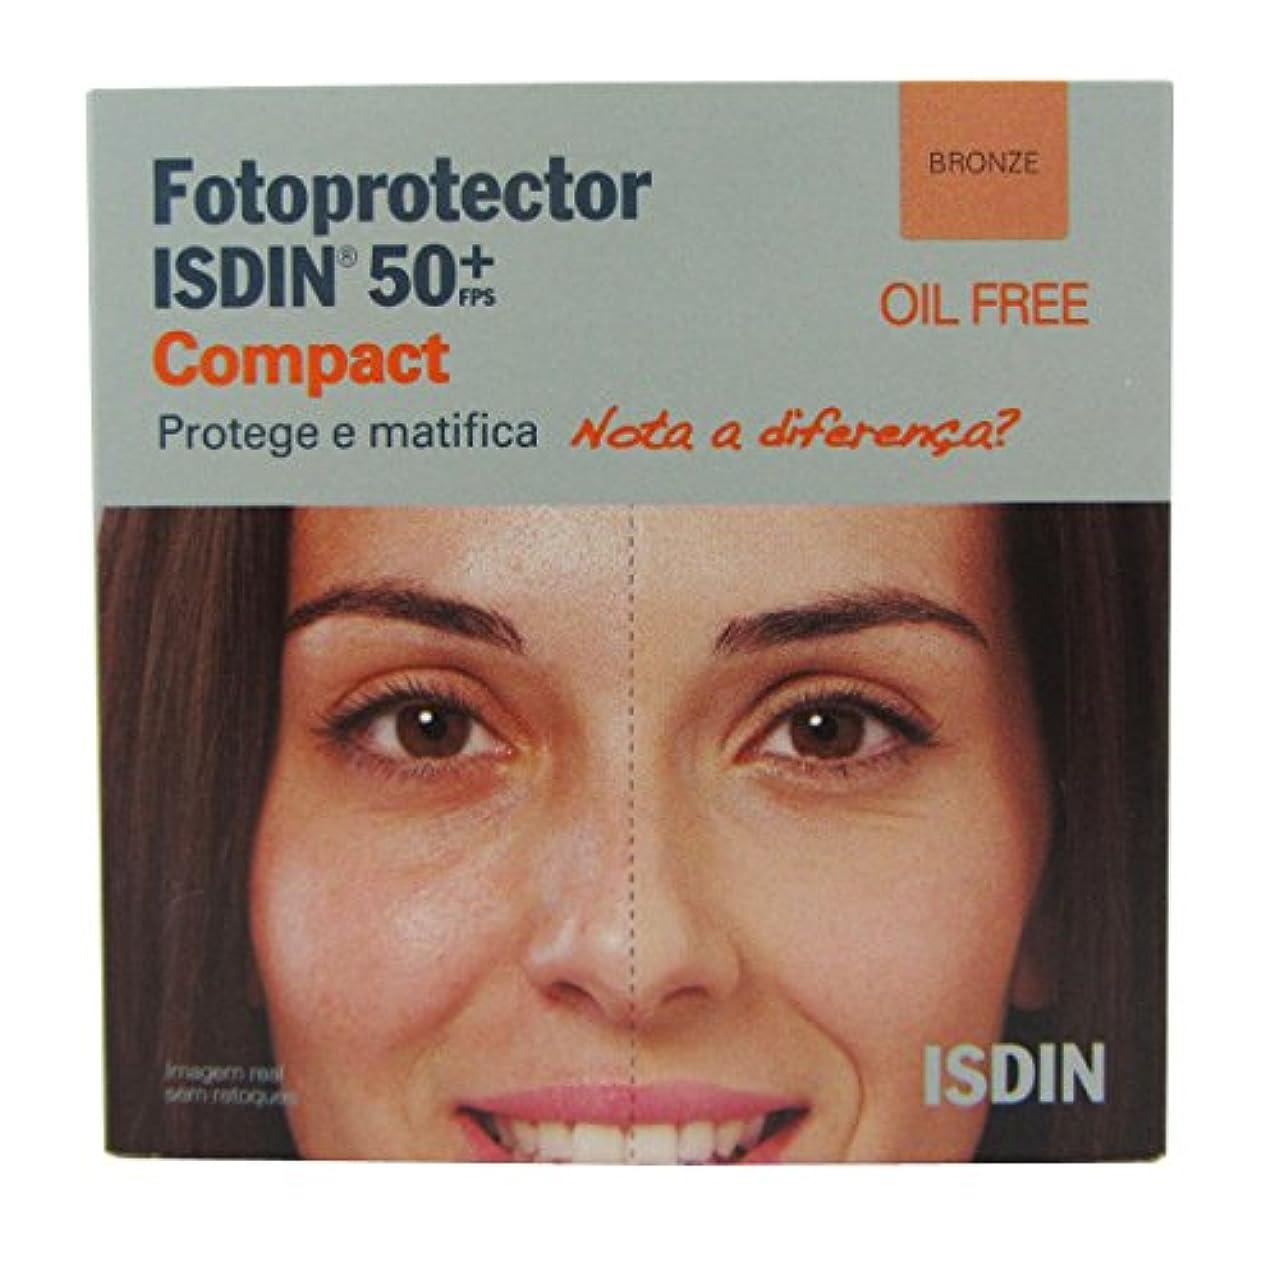 リネンモネわかるIsdin Photoprotector Compact 50+ Bronz 10g [並行輸入品]